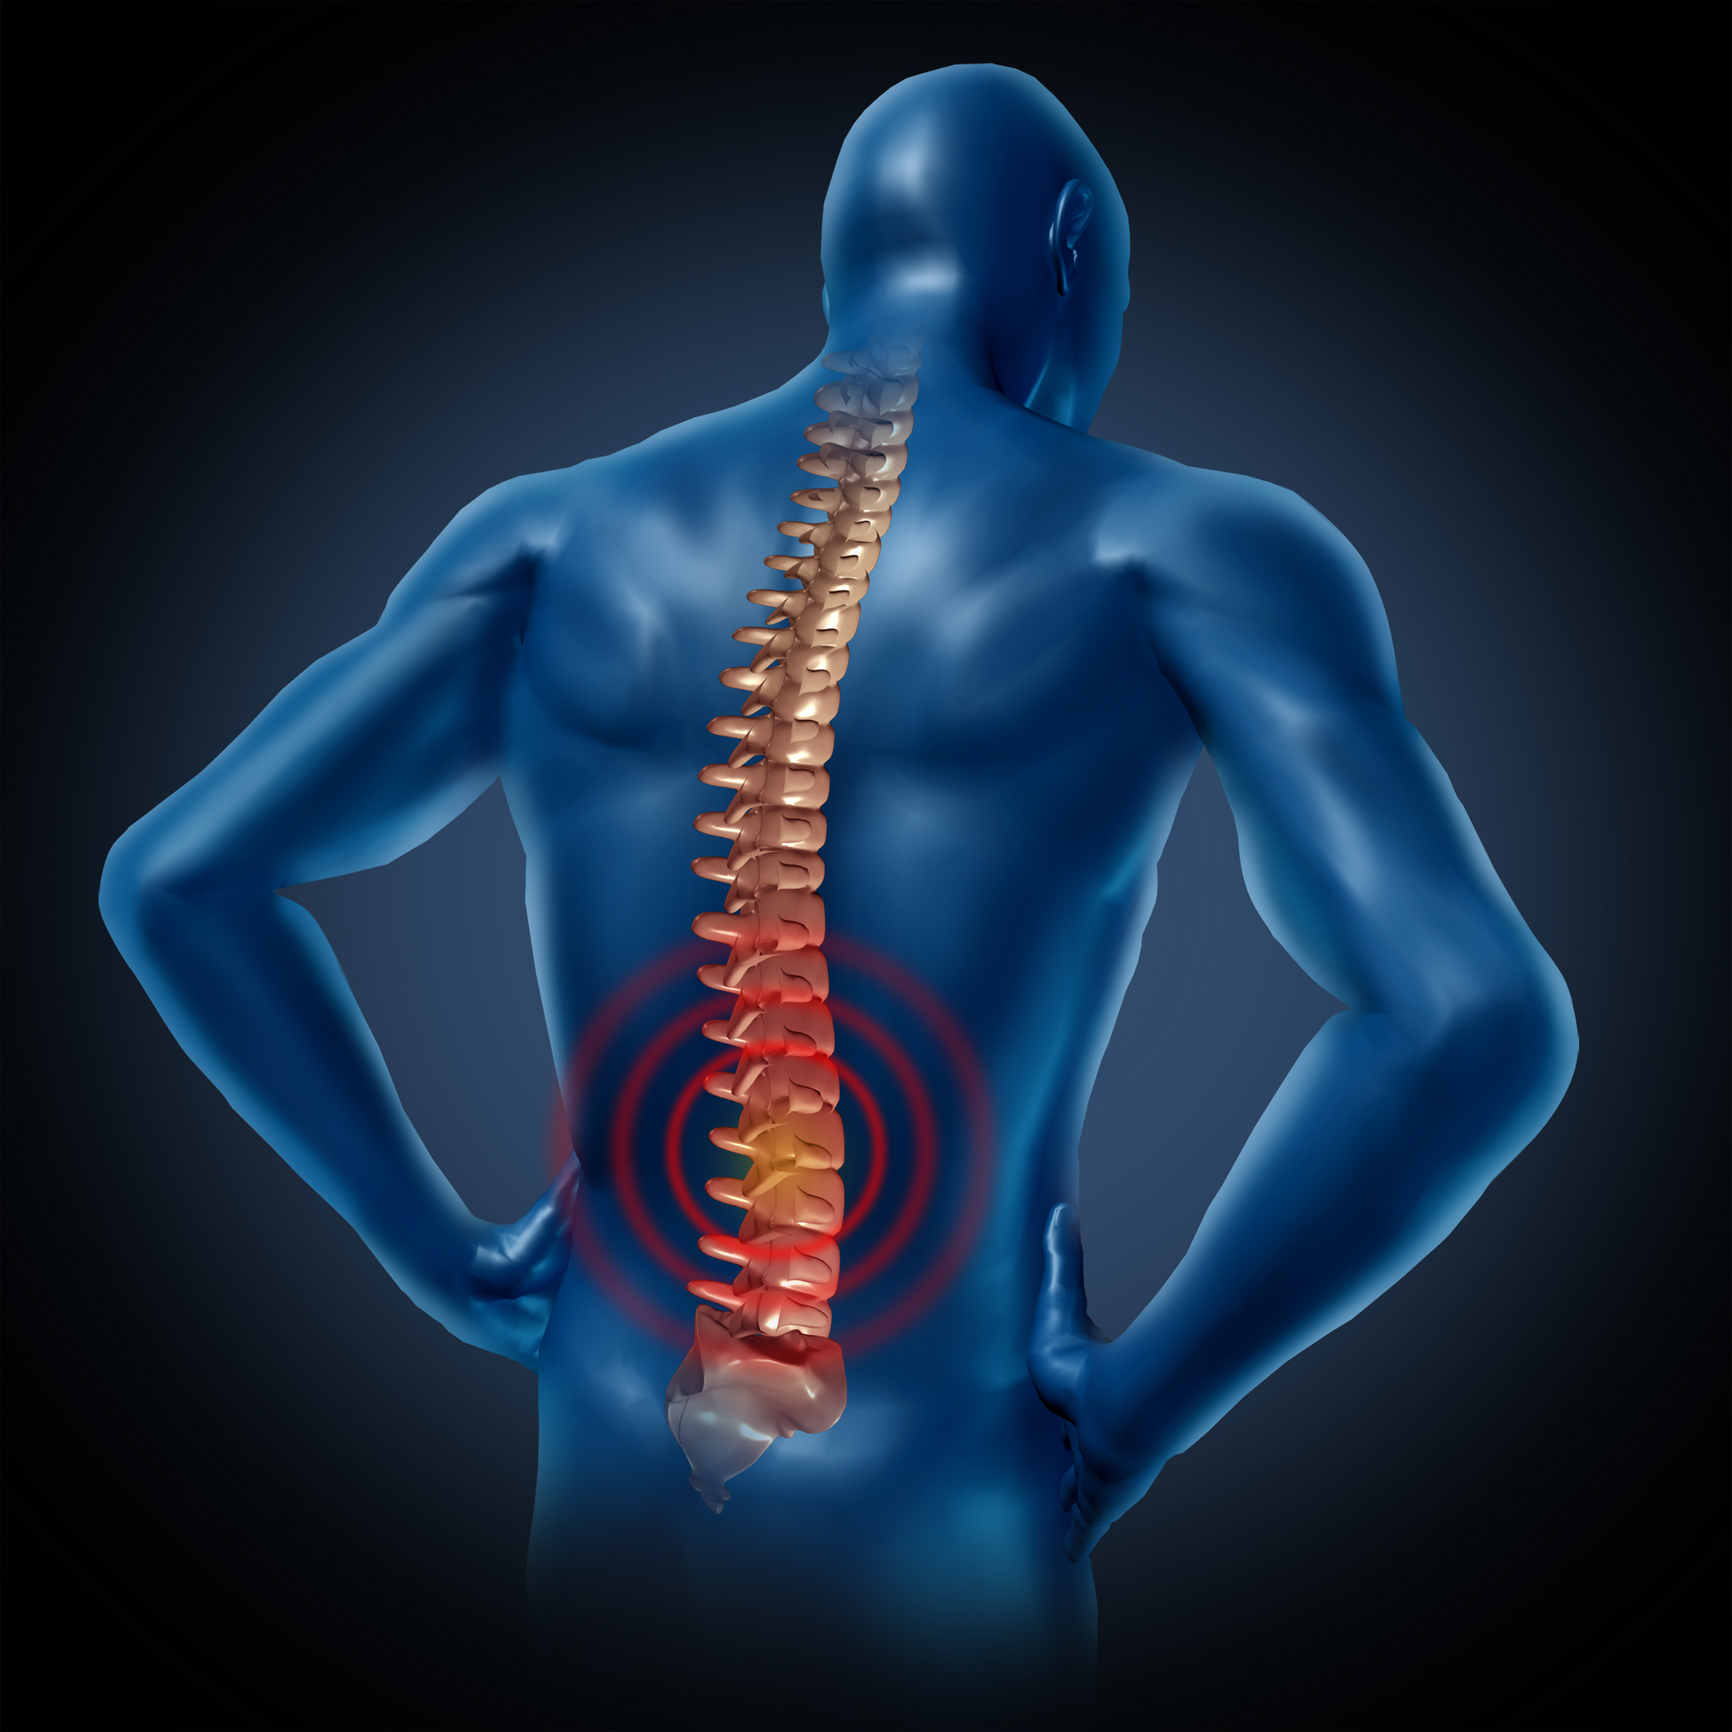 nugaros skausmas ir visi sąnariai sąnarių pirštikaulių